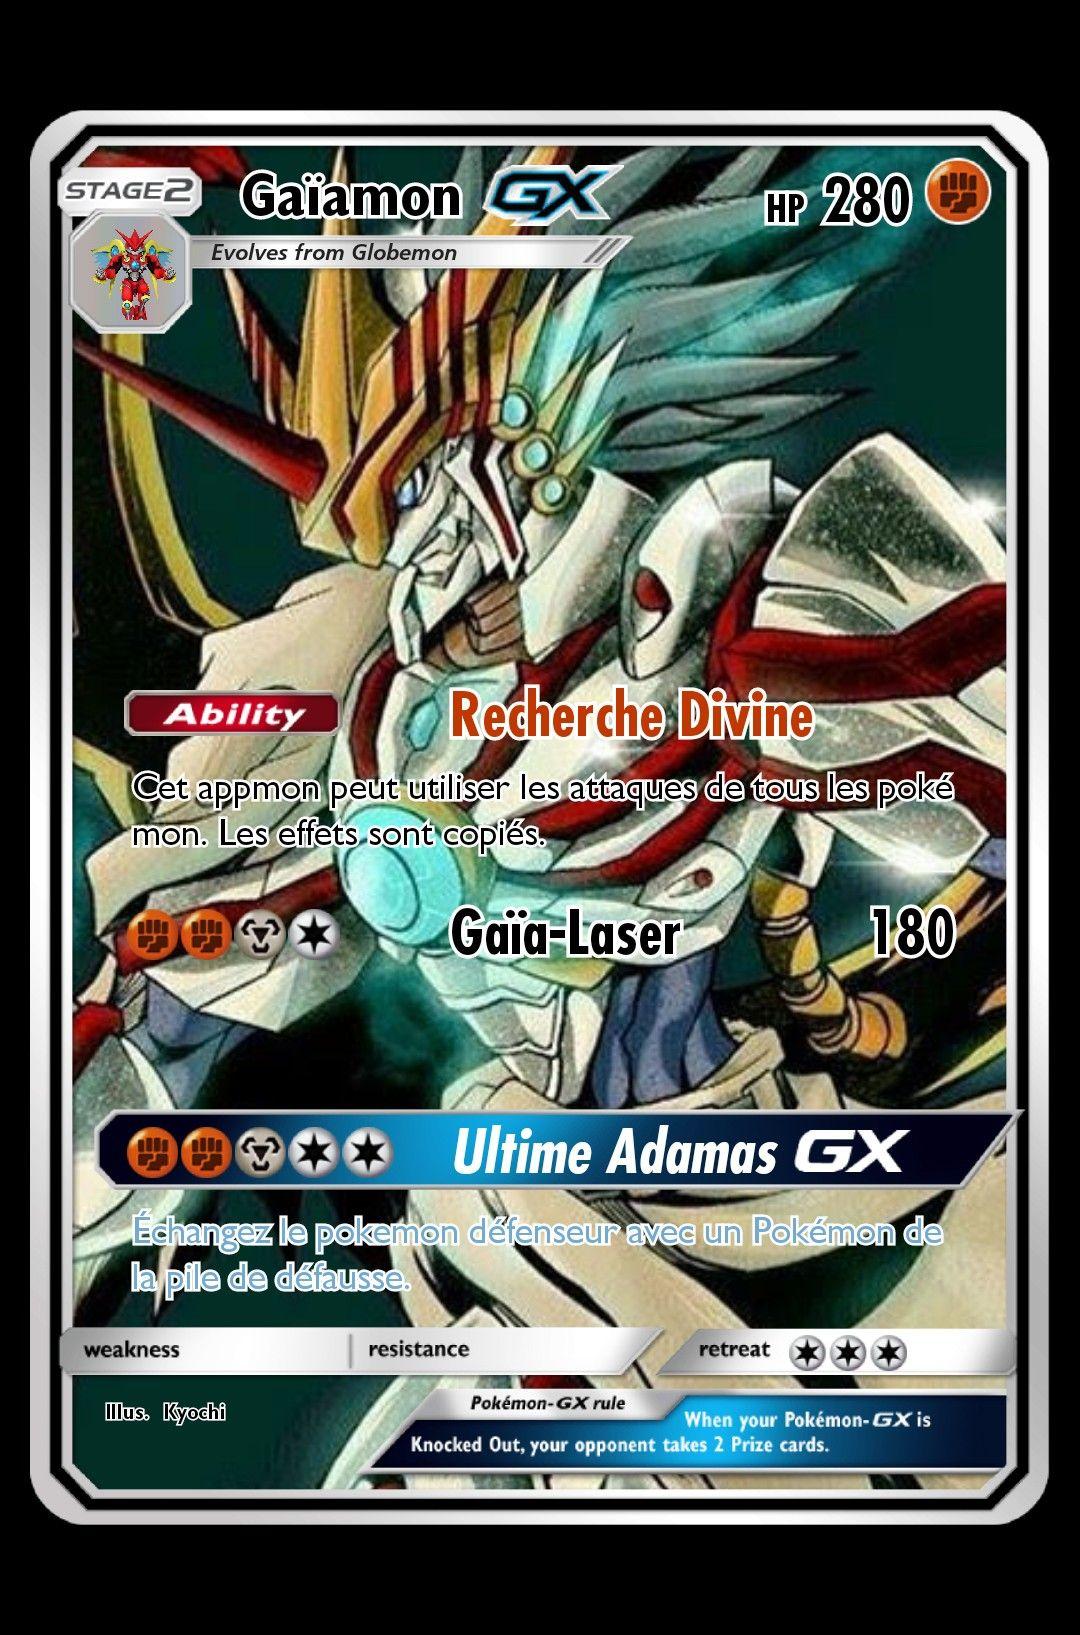 photo de carte pokemon gx Digimon appmon gaïamon carte pokémon gx   Fake pokemon cards